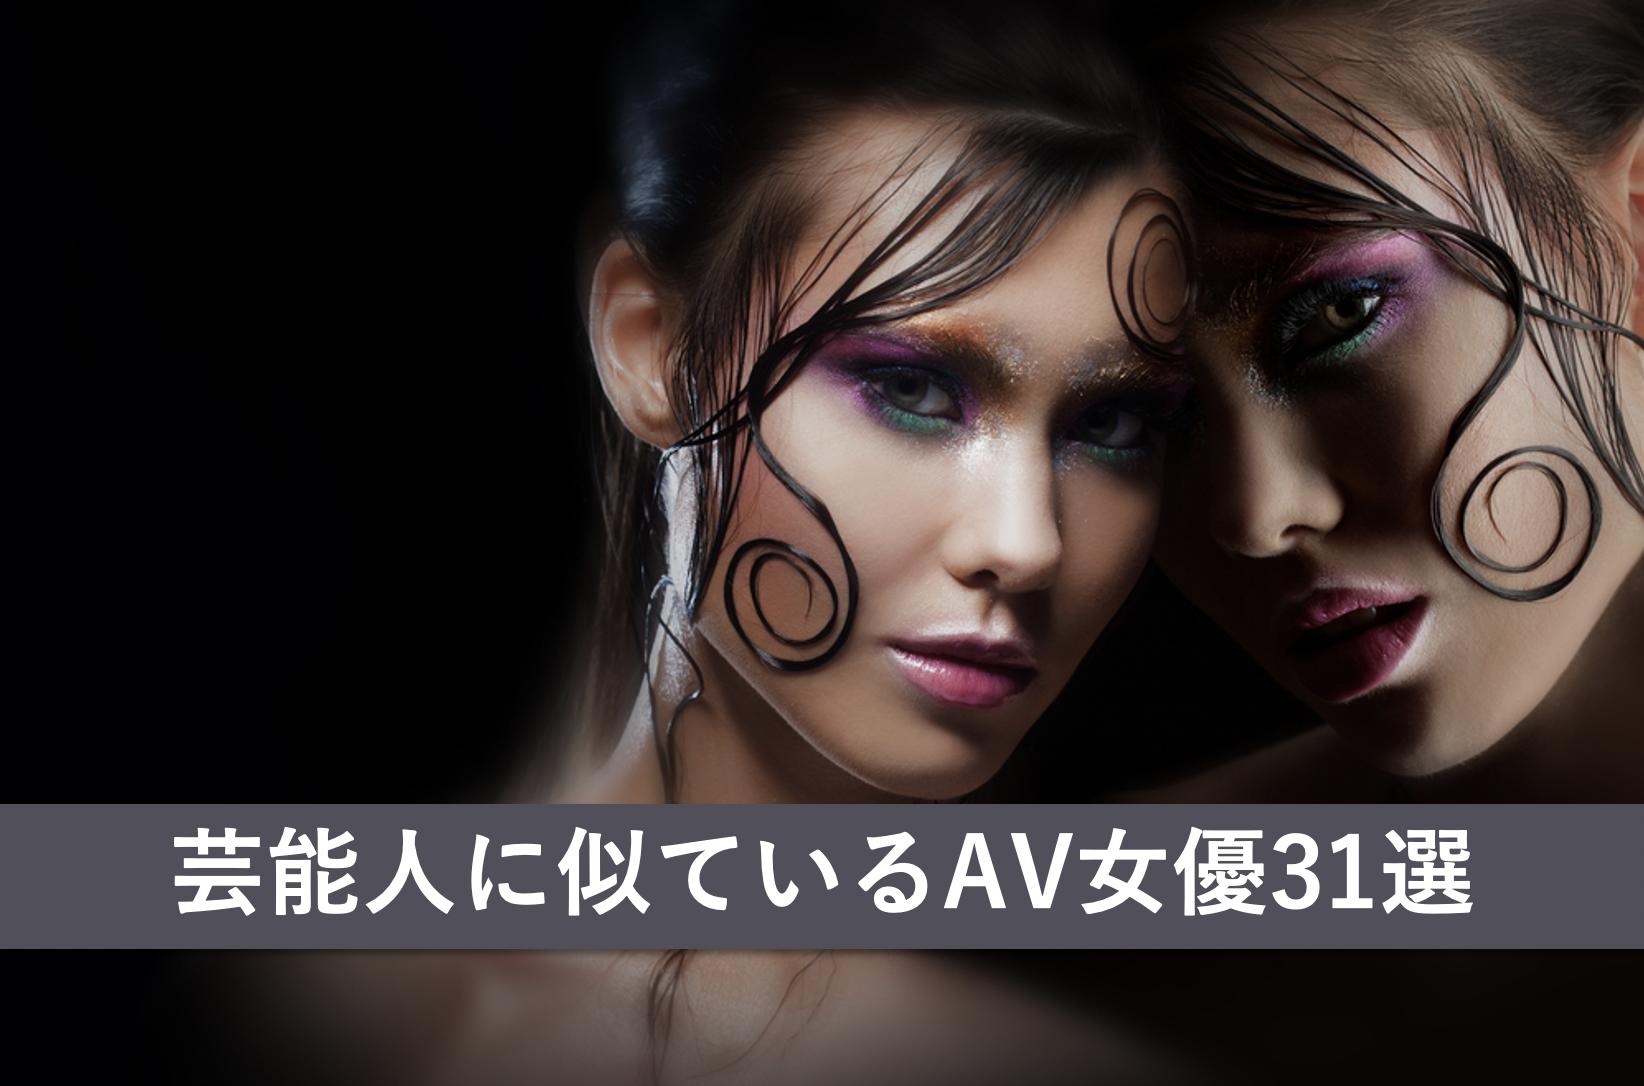 【そっくり度順】アイドルなどの芸能人に似ているAV女優31名